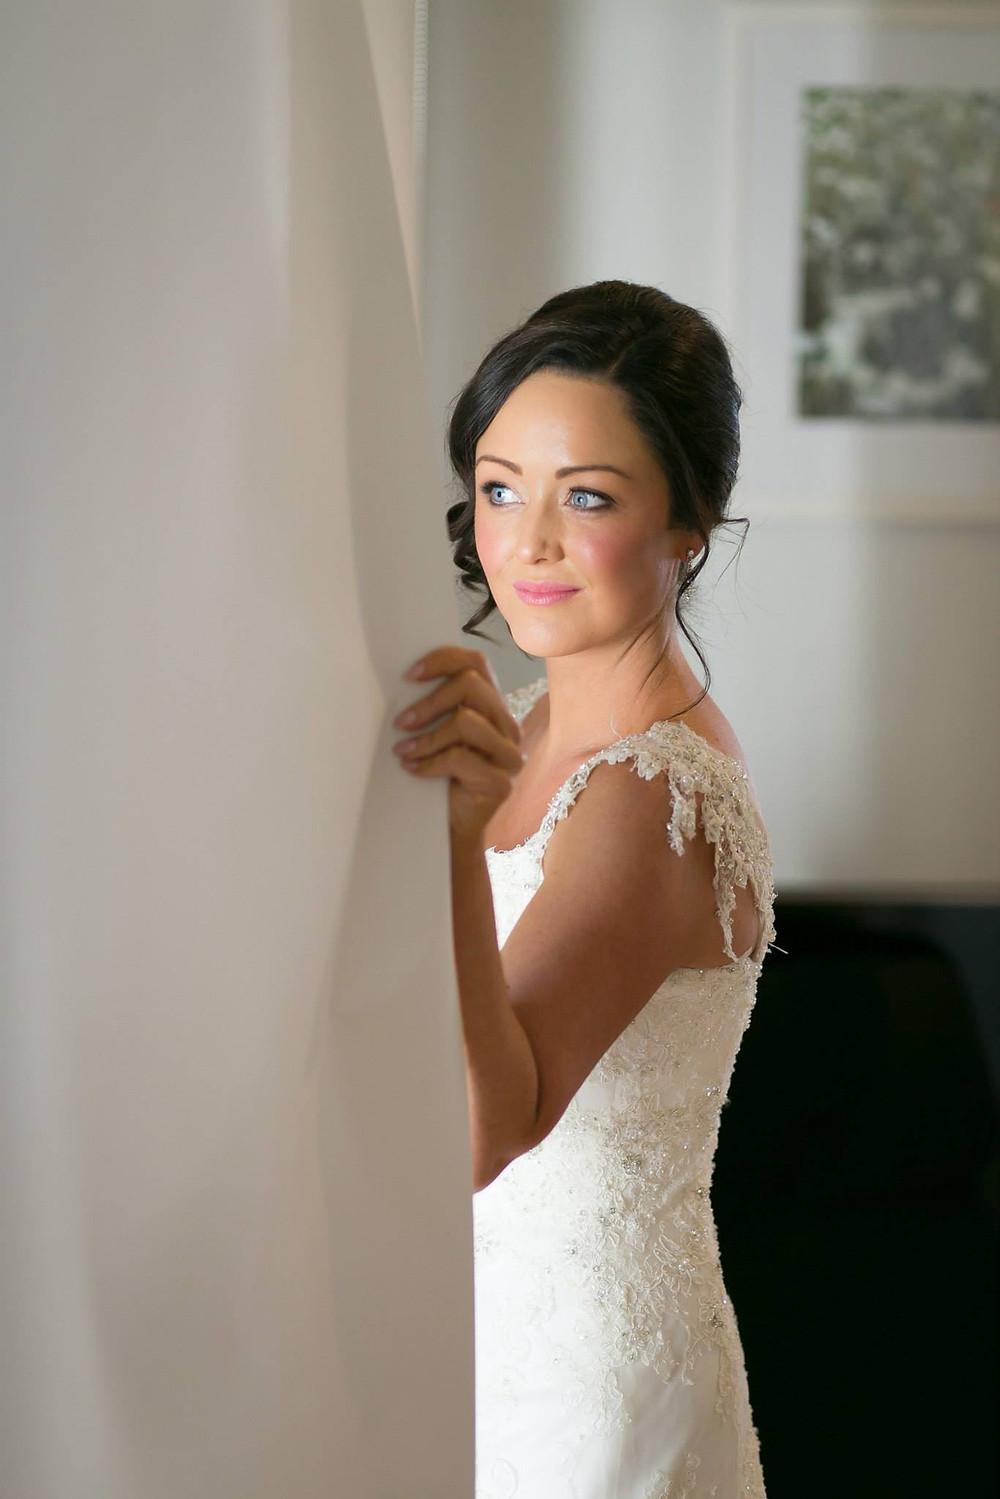 sydney makeup artist emily doyle makeup artist